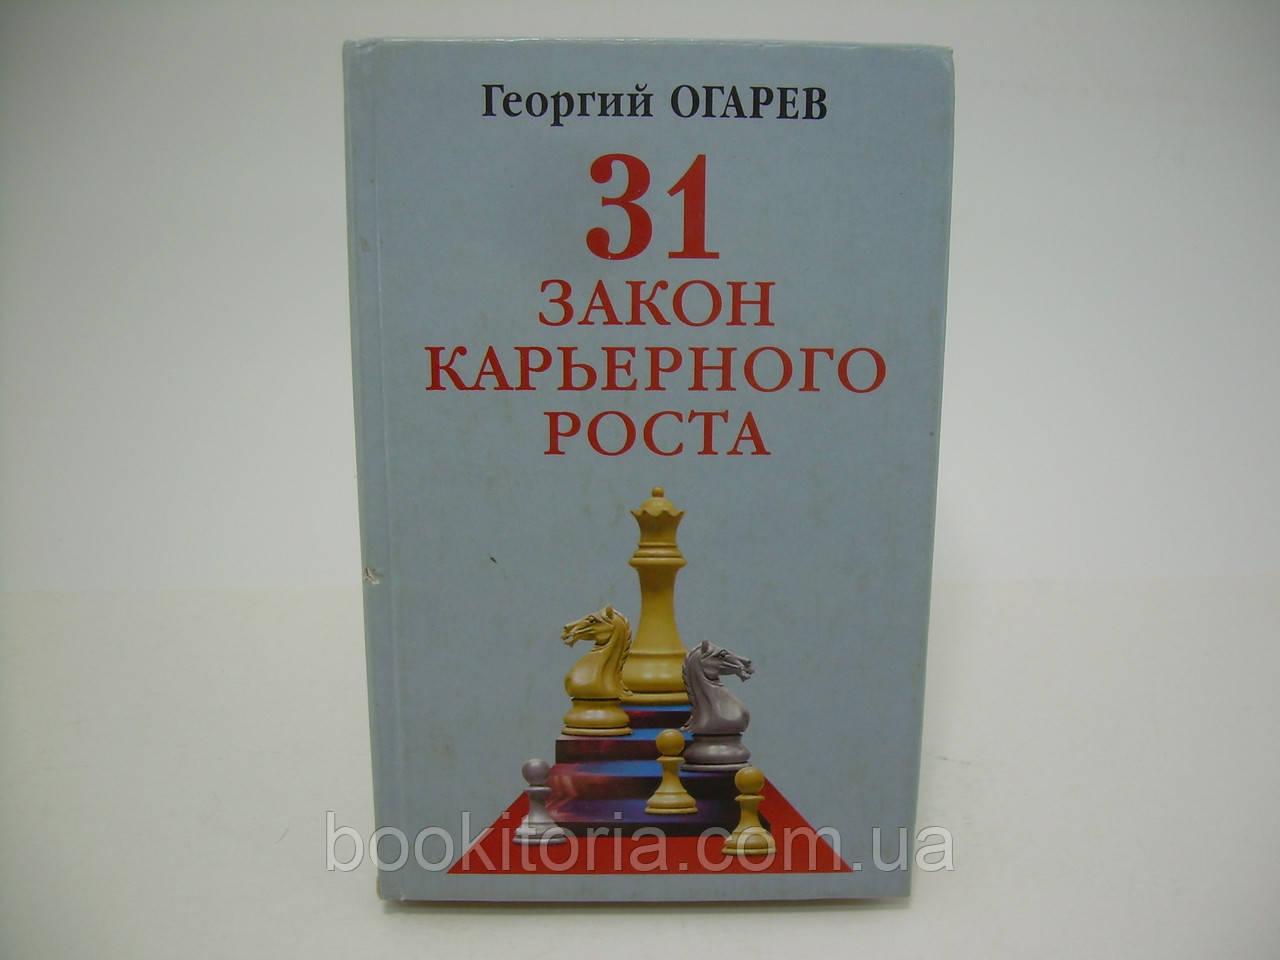 Огарев Г. 31 закон карьерного роста (б/у).